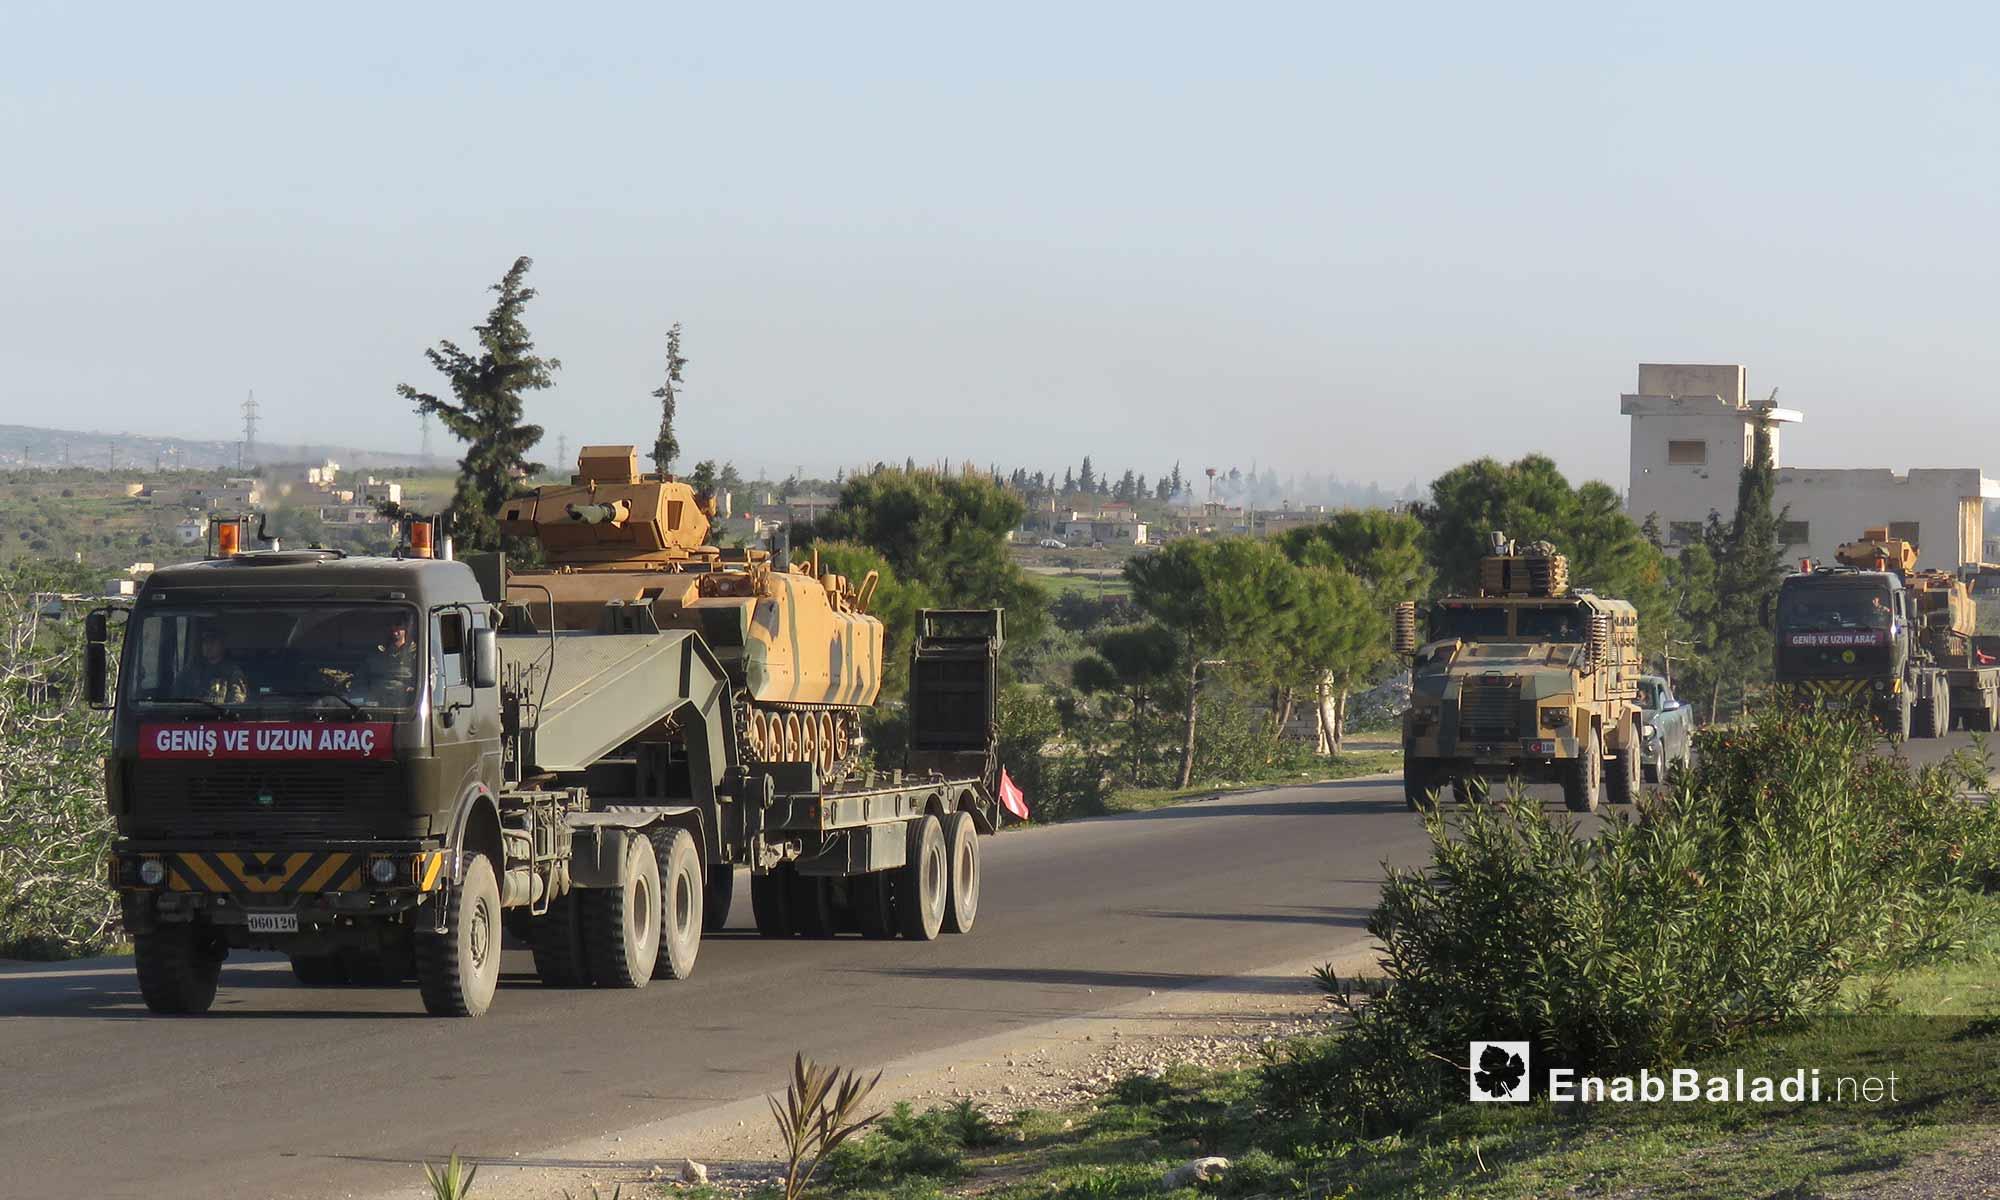 دبابات ضمن رتل تركي يدخل ريف حماة لتبيث نقطة المراقبة التاسعة - 7 نيسان 2018 (عنب بلدي)